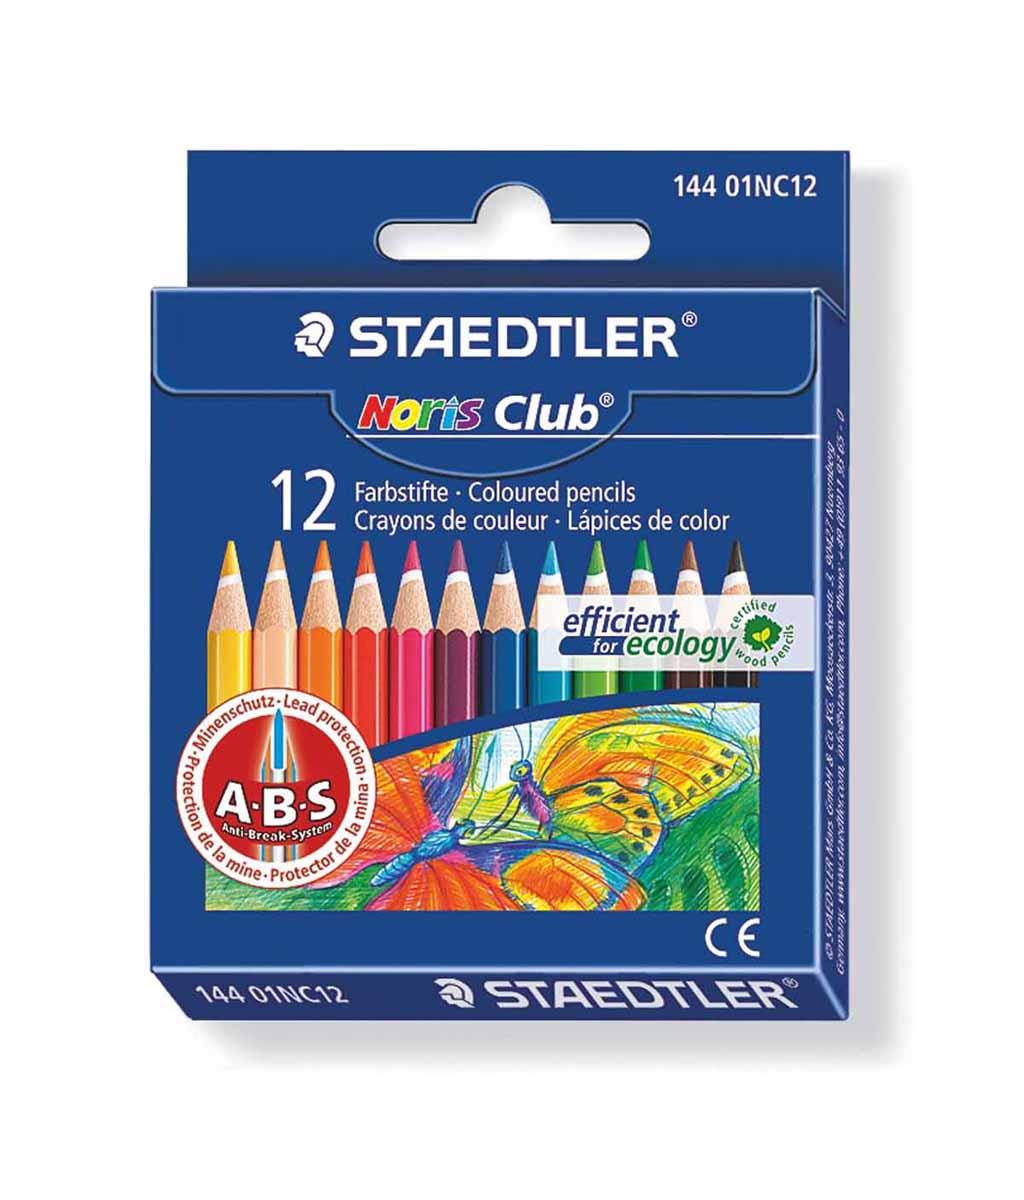 Staedtler Набор цветных карандашей Noris Club 144 12 цветов72523WDЦветные карандаши Staedtler Noris Club обладают классической шестиугольной формой. Разработанные специально для детей они имеют мягкий грифель и насыщенные цвета, а белое защитное покрытие грифеля (А·B·S) делает его более устойчивым к повреждению.С цветными карандашами Noris Club ваши дети будут создавать яркие и запоминающиеся рисунки.Длина карандашей - 88 мм.